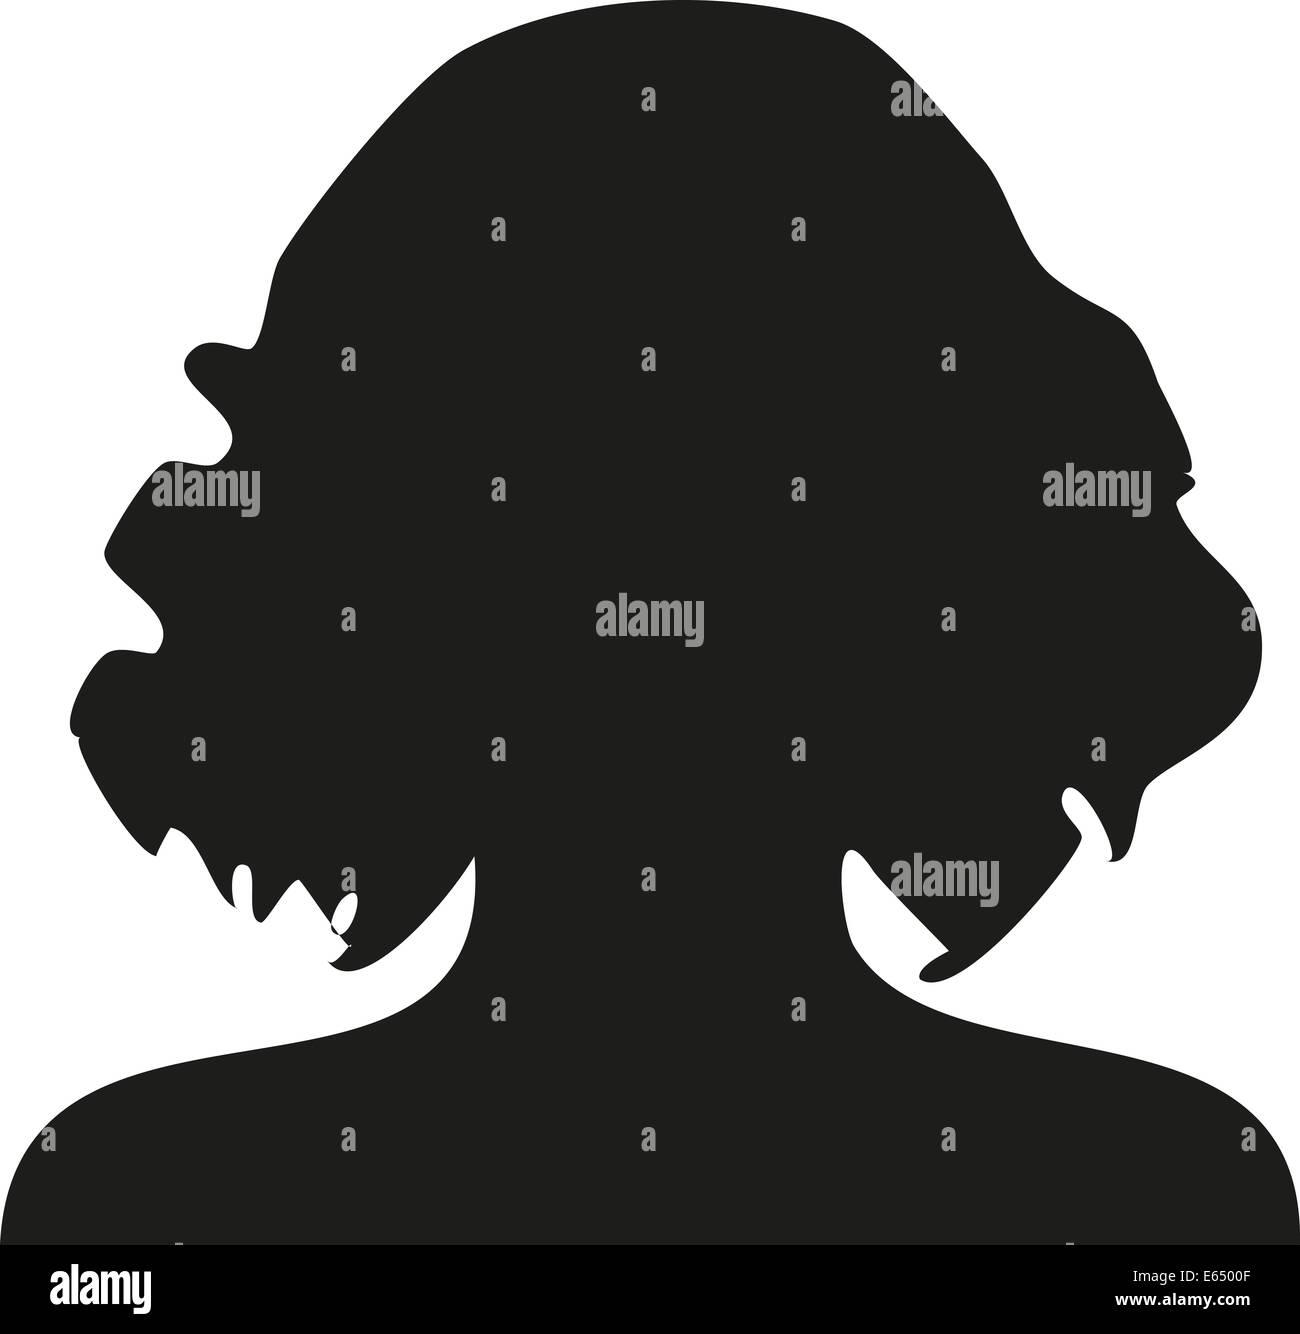 Silhouette Frau Scherenschnitt schwarz weiß Umriss frauen lang haare lange kurz Abbild Symbol Symbolik User - Stock Image